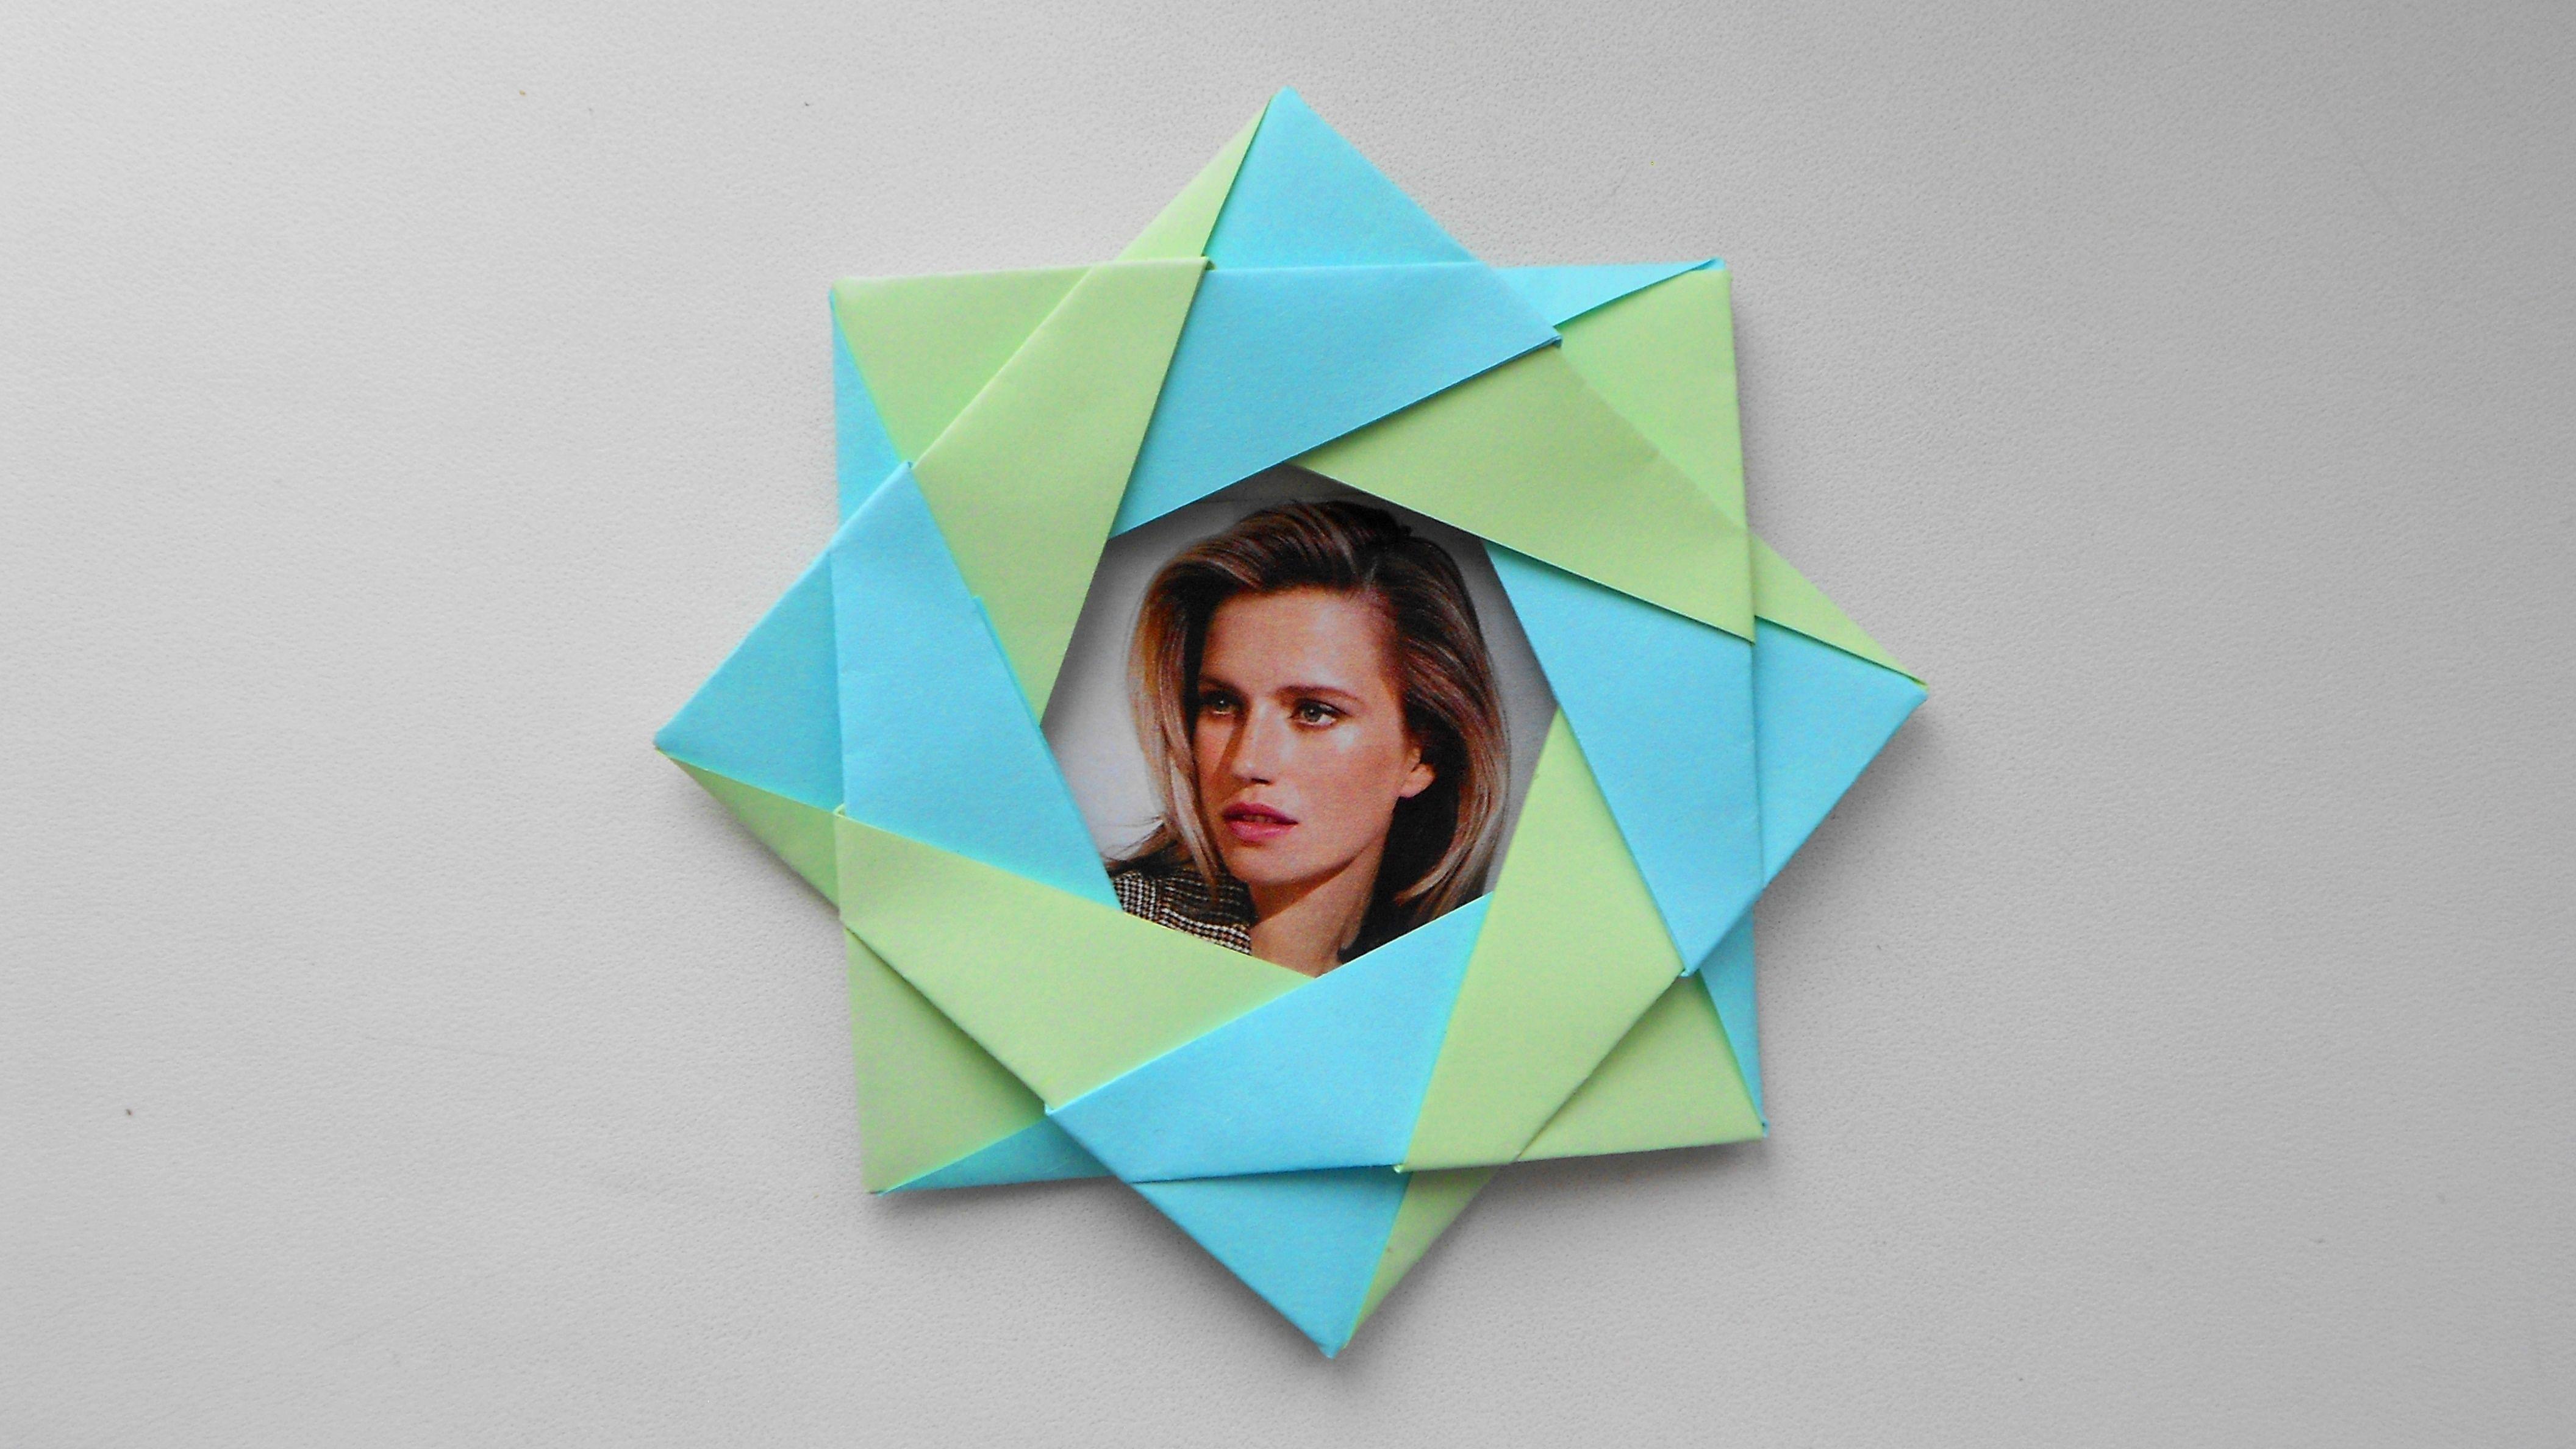 тренды, такие модульное оригами рамка для фото все модели будет